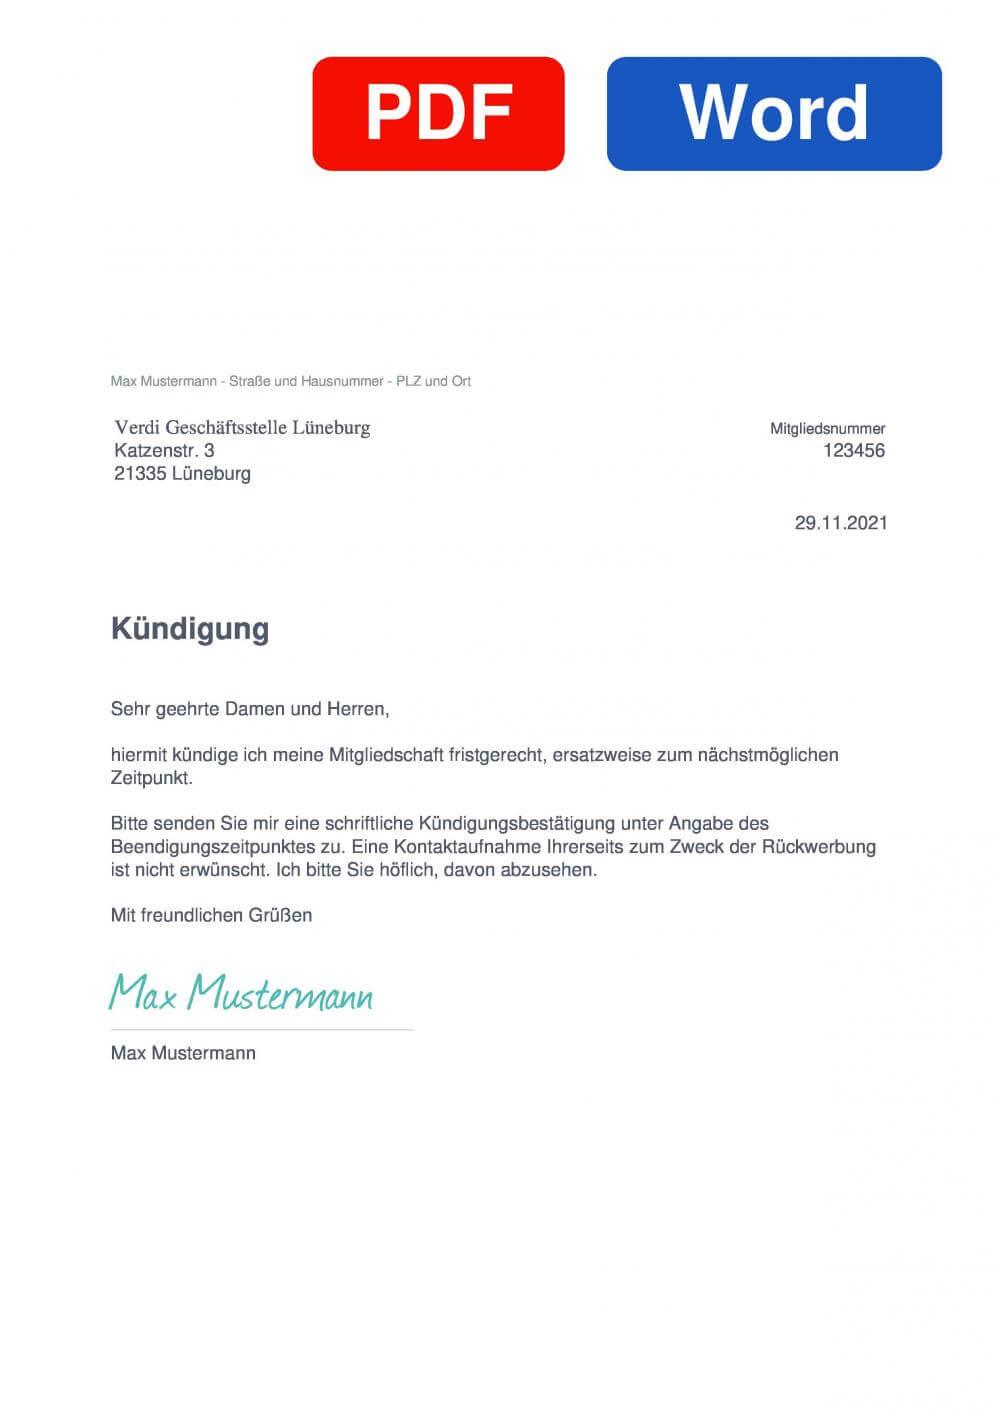 Ver.di Geschäftsstelle Lüneburg Muster Vorlage für Kündigungsschreiben